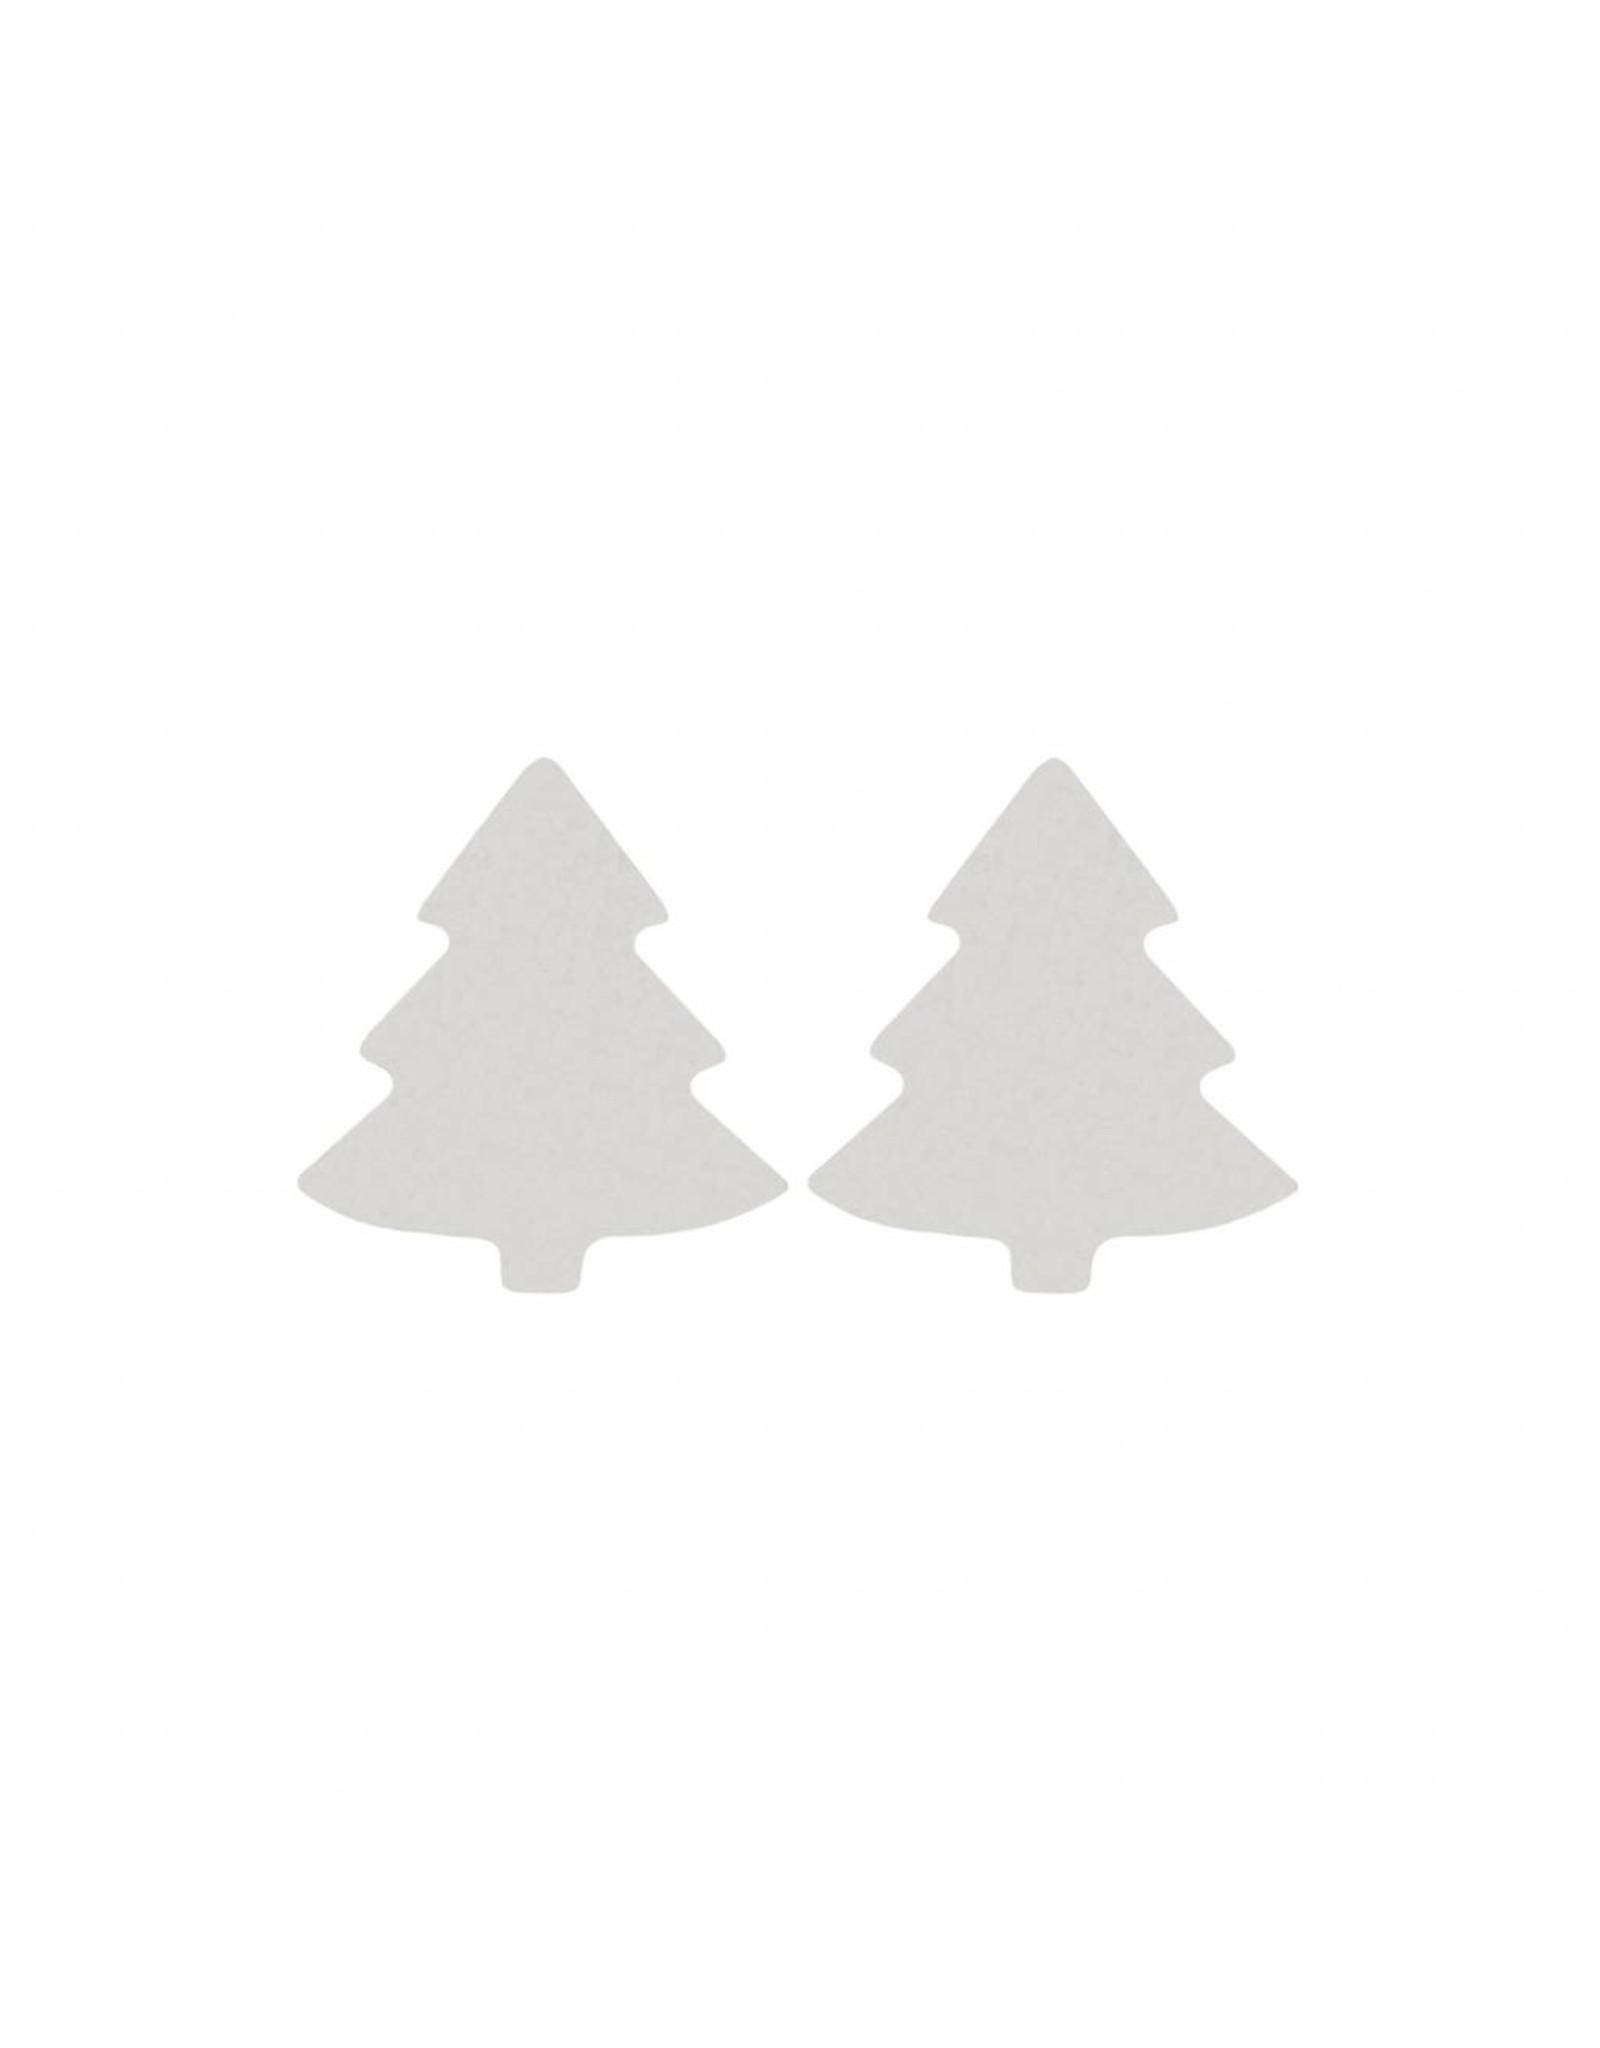 Stekertjes kerstboom zilverkleurig